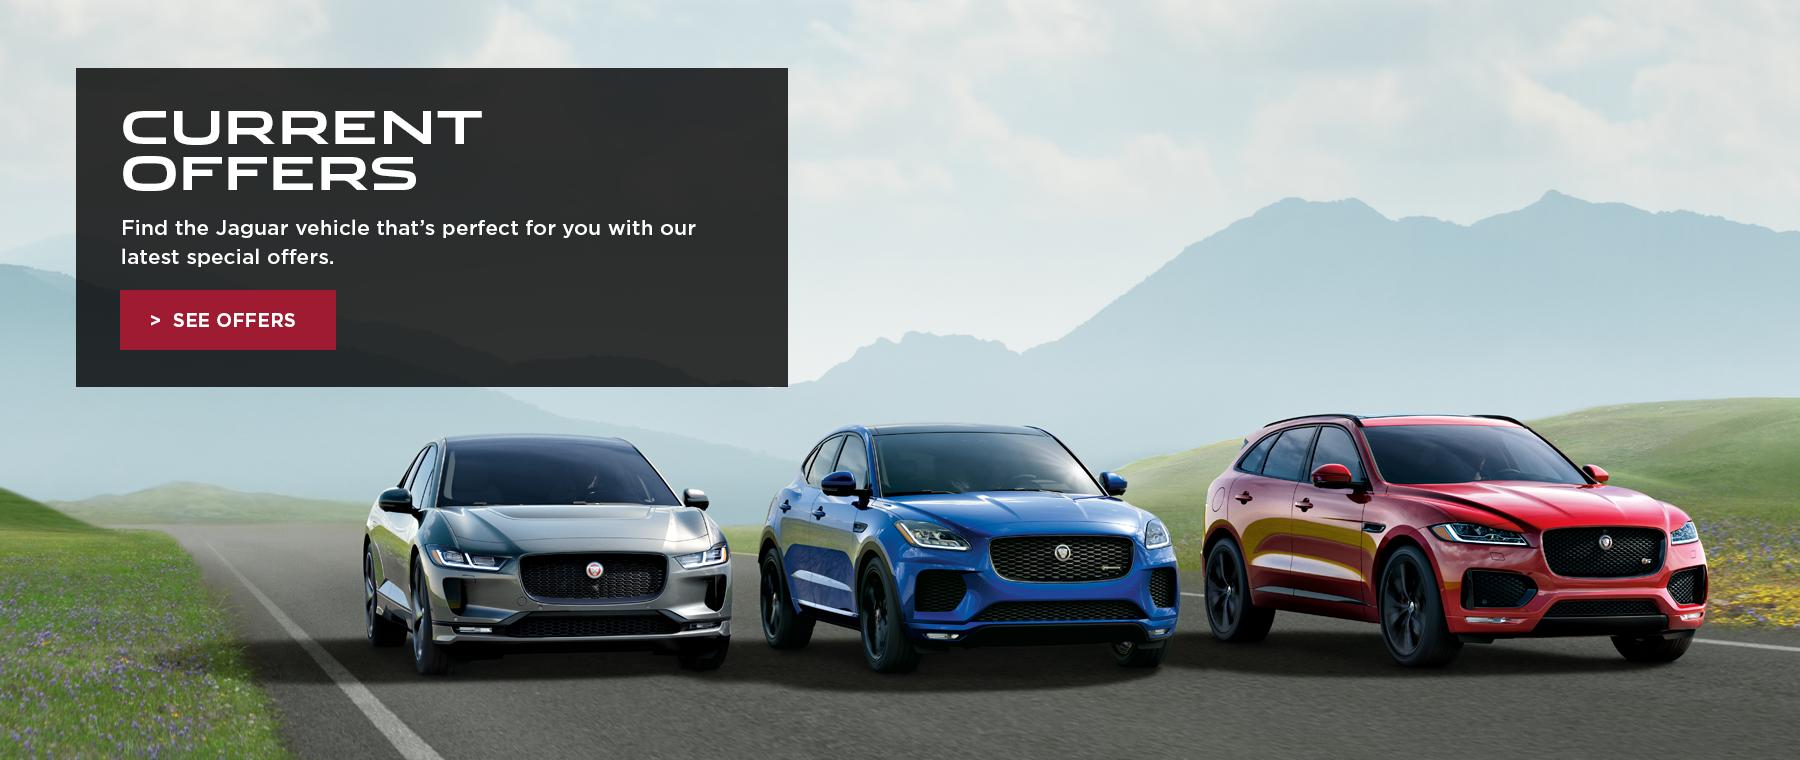 Jaguar SSE 2020 DI Large